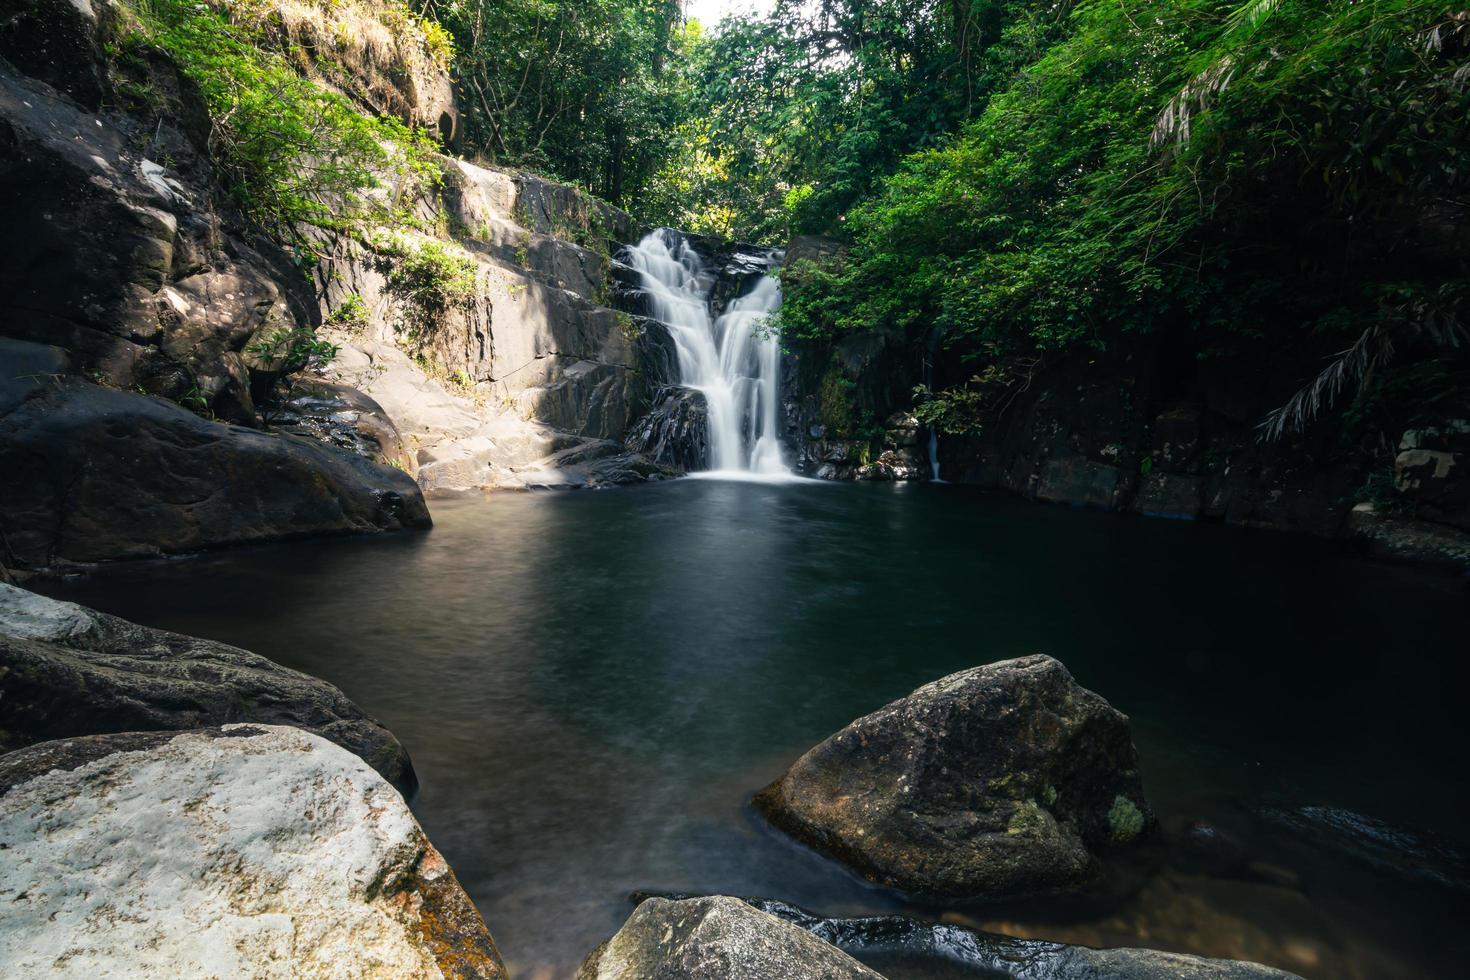 Cascade de klong pla kang en Thaïlande photo